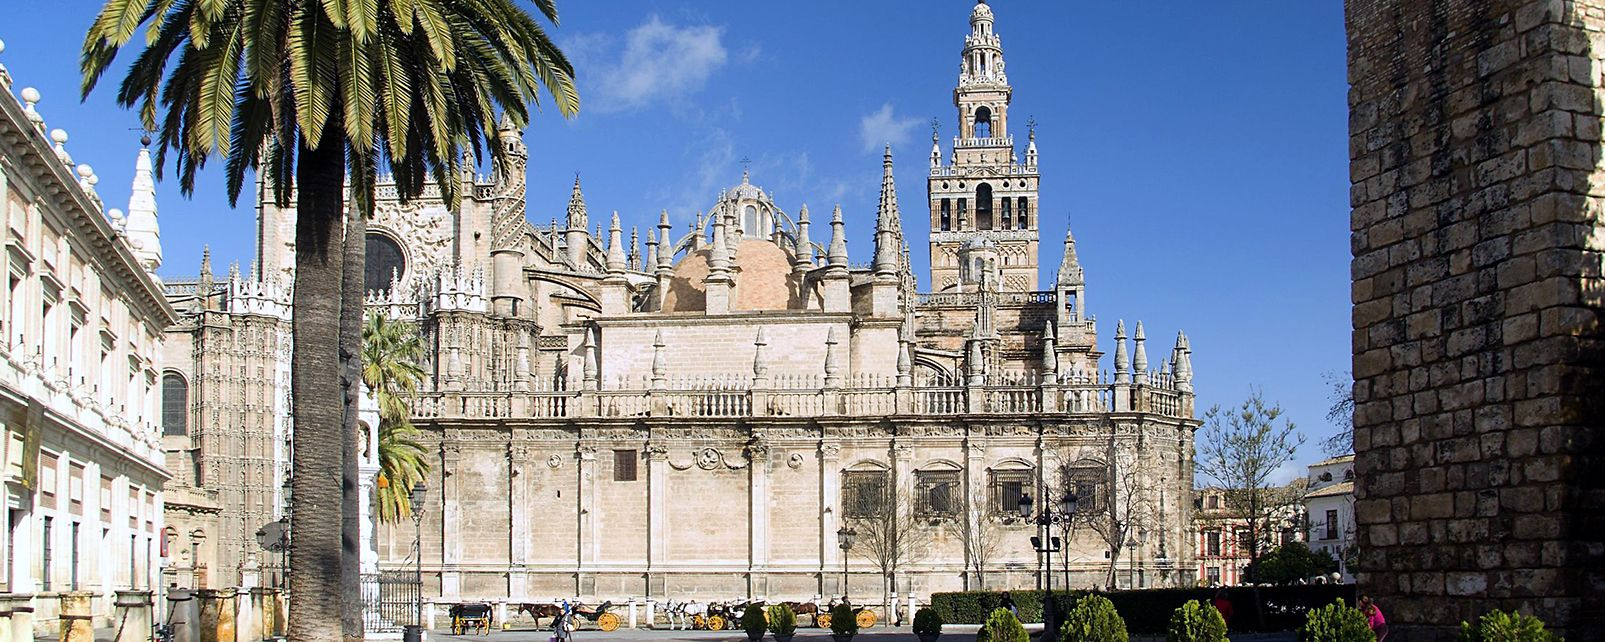 La cathédrale de Séville , La Cathédrale de Séville, Notre-Dame-du-Siège , Espagne